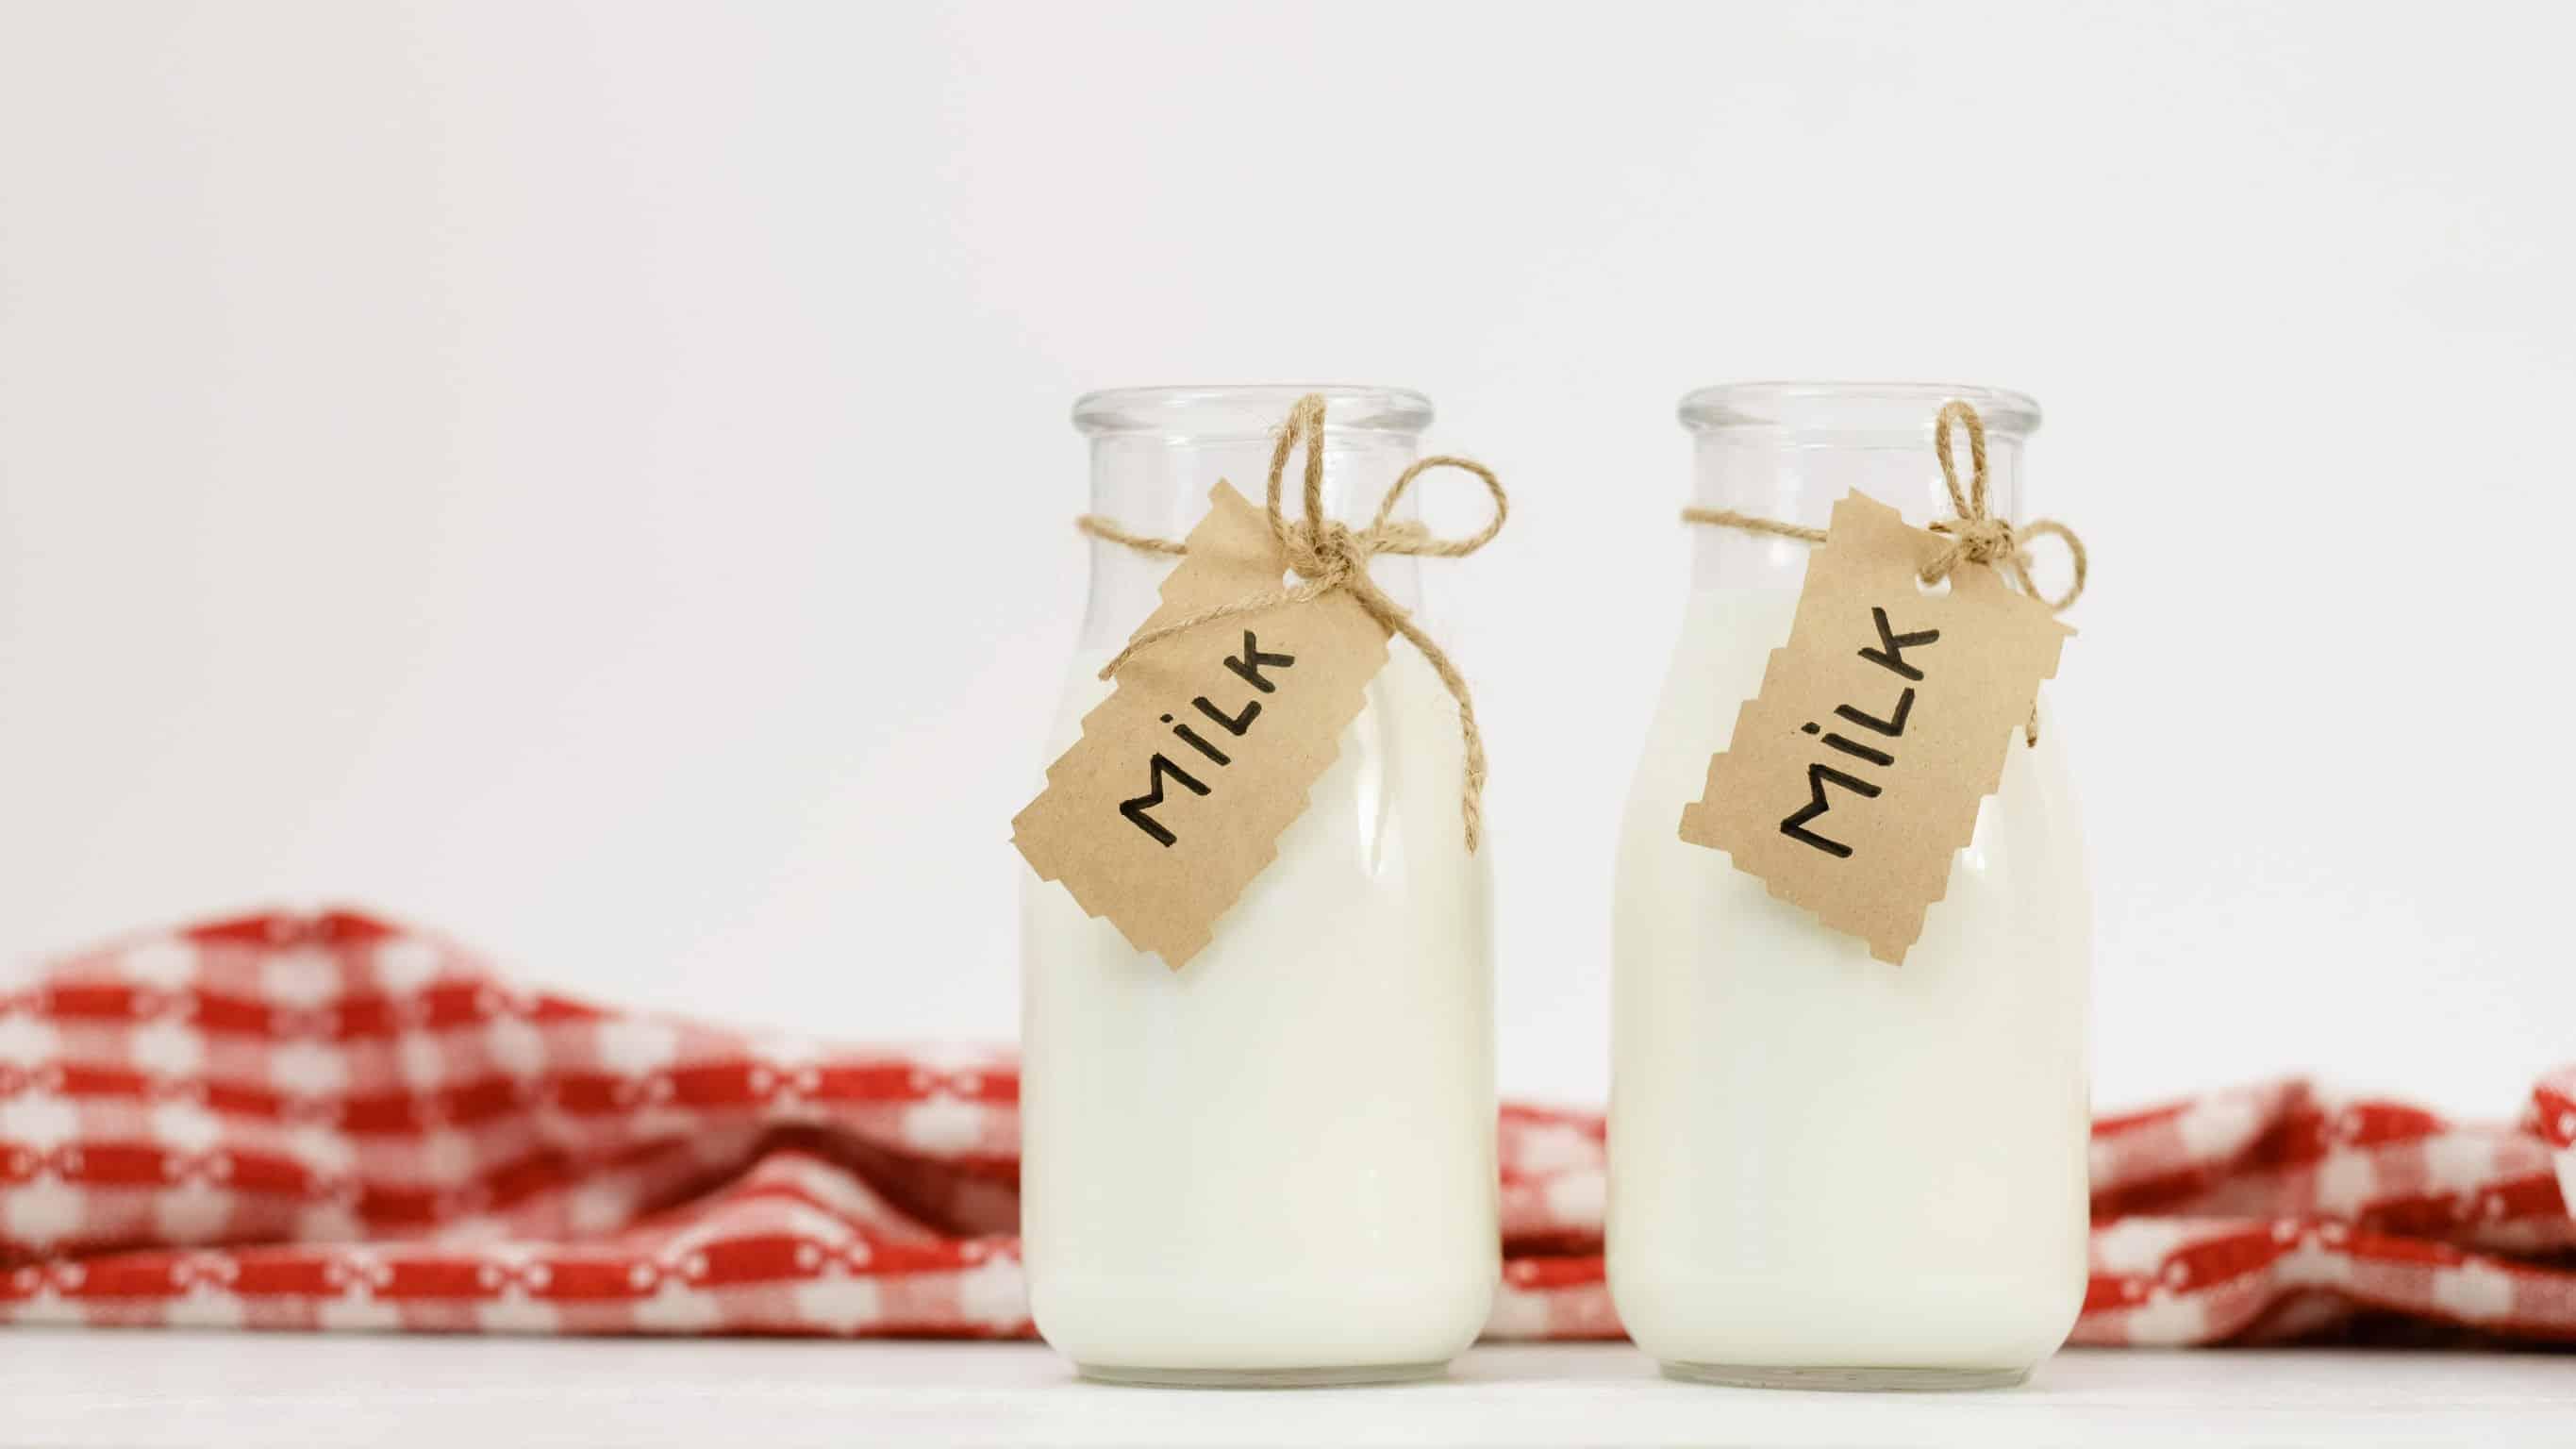 Laktosefreie Milch Test 2020: Die beste Milch im Vergleich